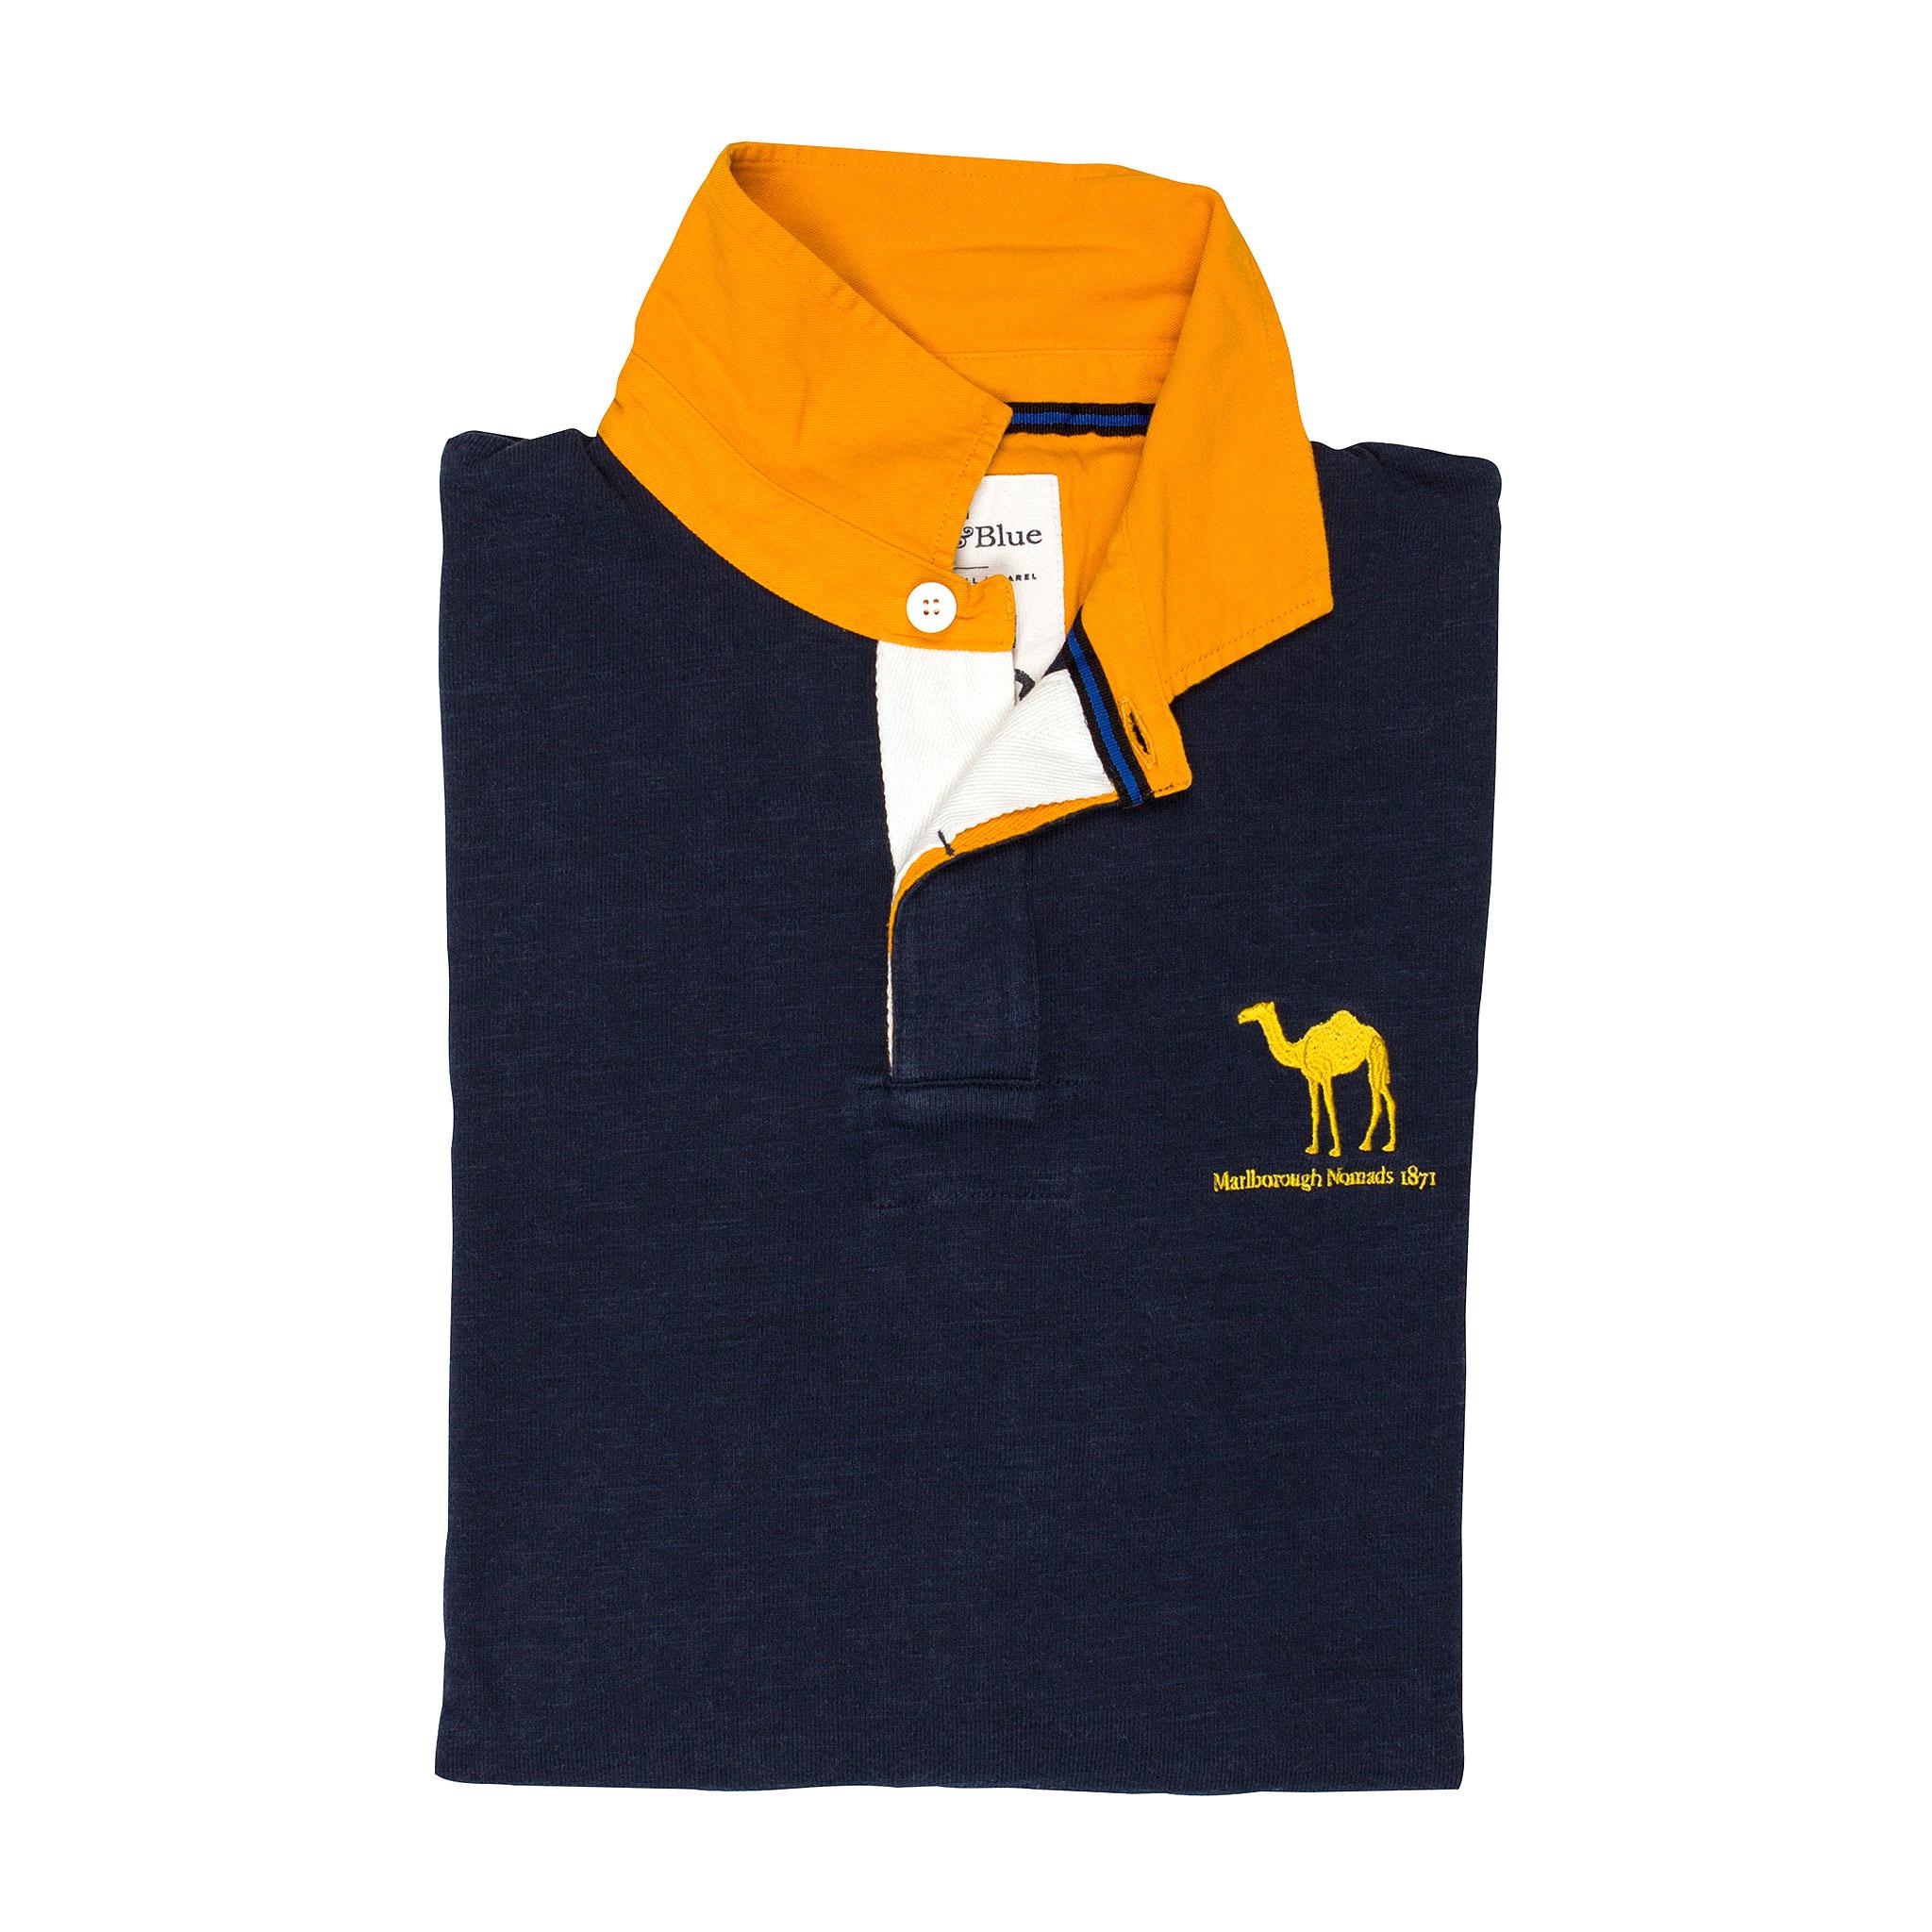 Marlborough Nomads 1871 Rugby Shirt - folded